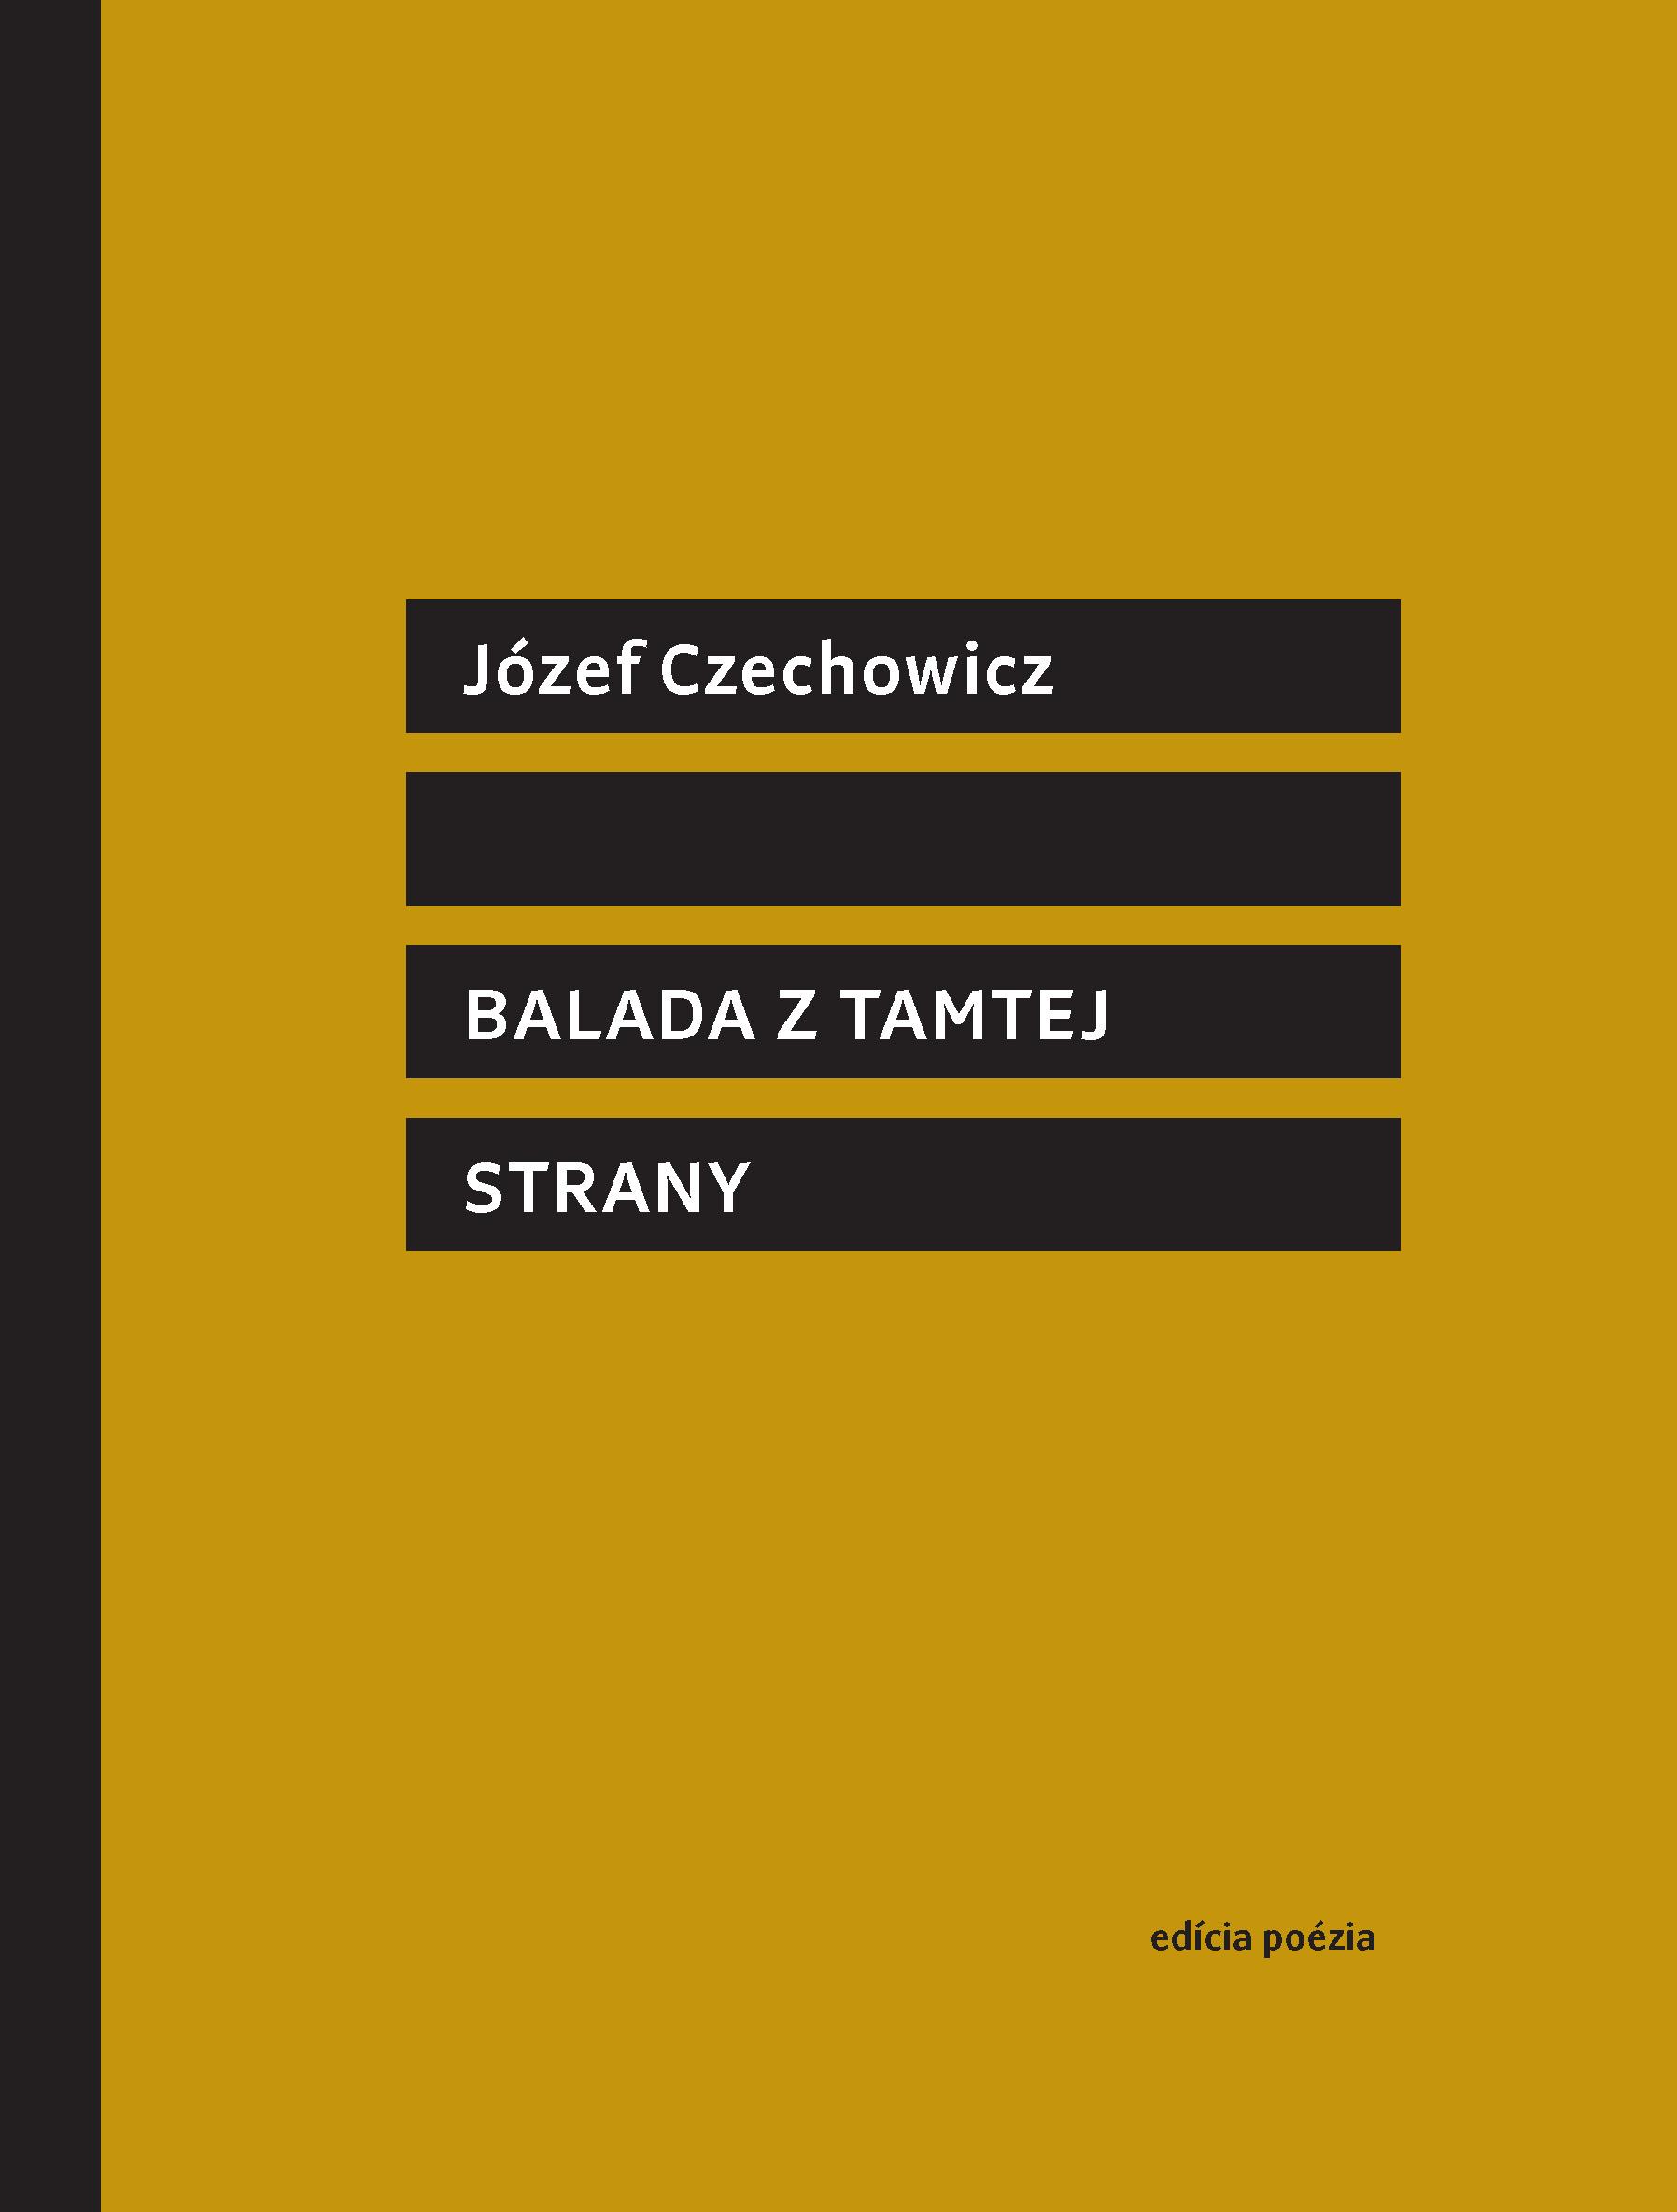 Józef Czechowicz – Balada z tamtej strany